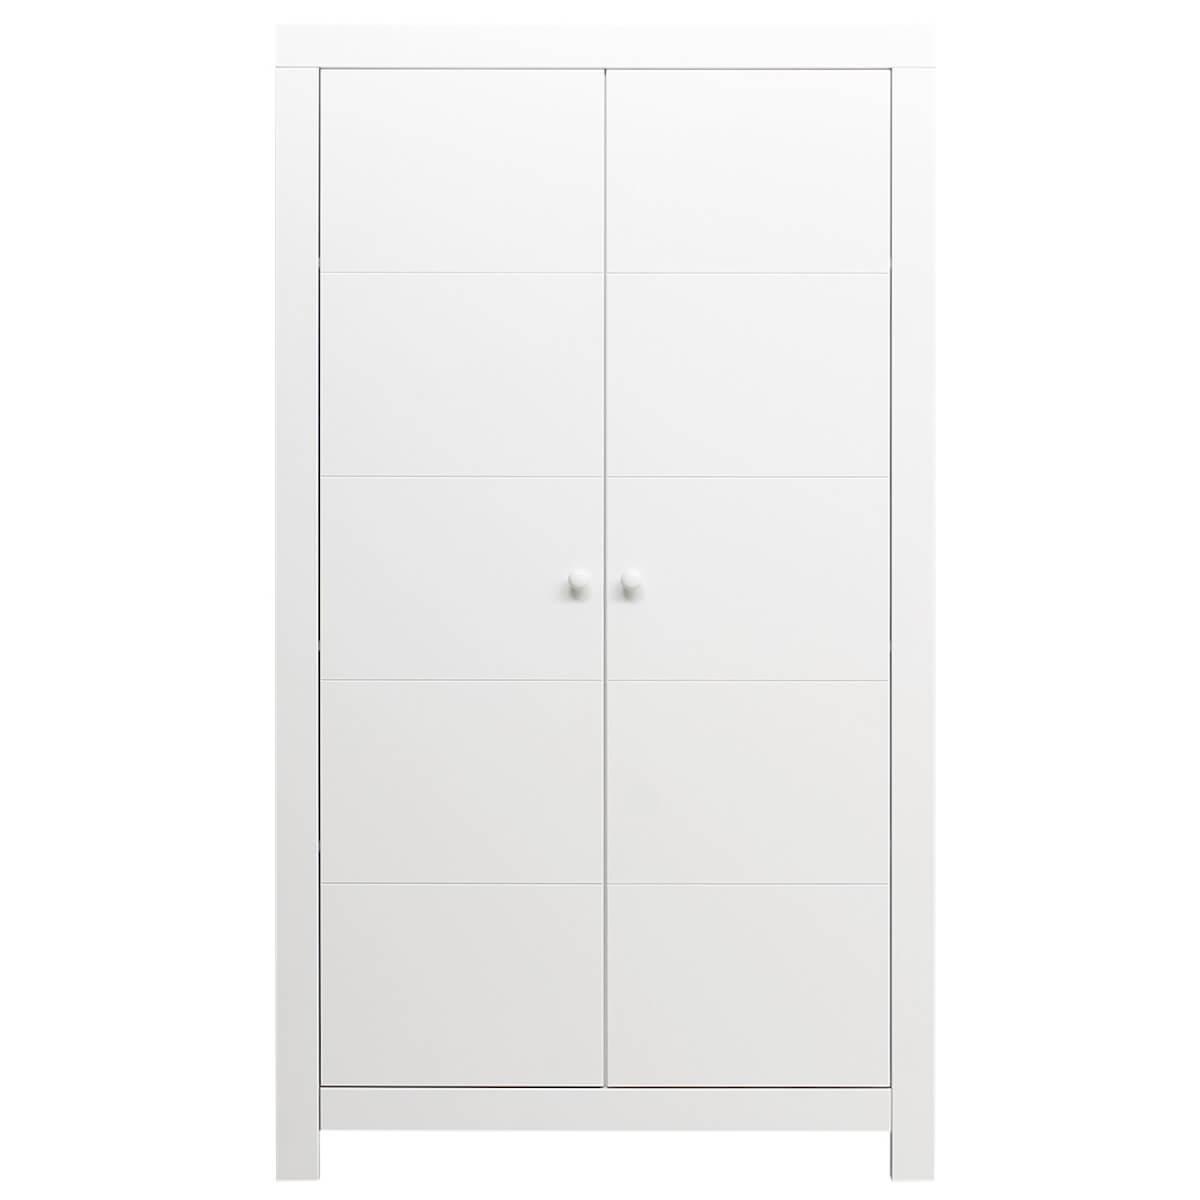 Armoire 2 portes HUGO Bopita blanc